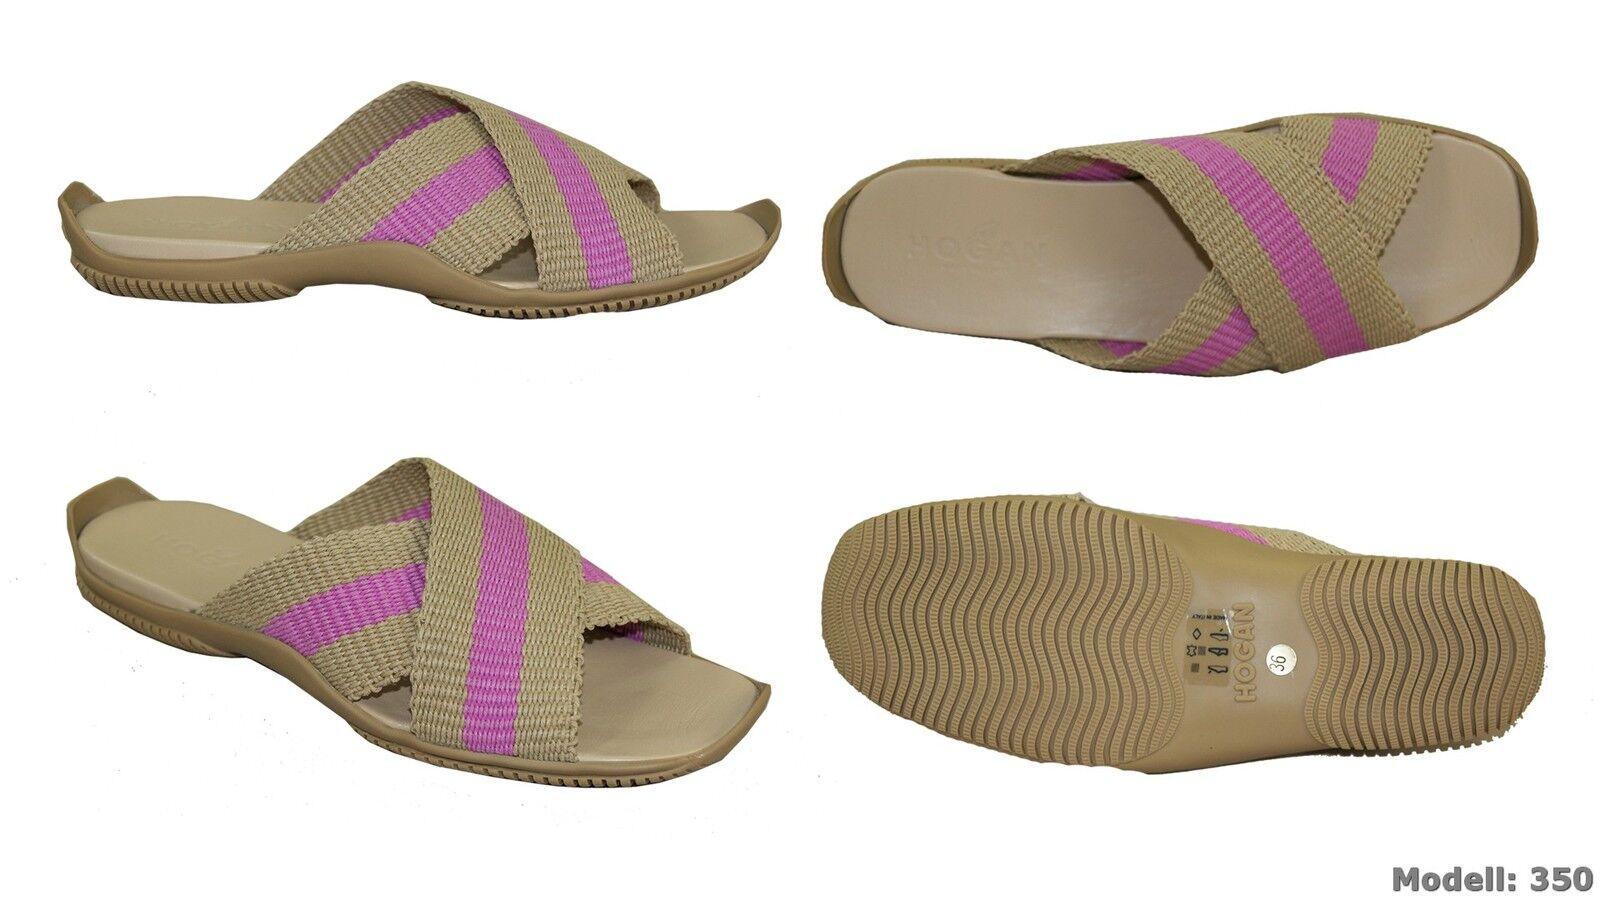 Hogan Pantoletten Pantoffeln Schuhes Neu Sandales Damen Schuhe Ausverkauf Neu Schuhes f928ab